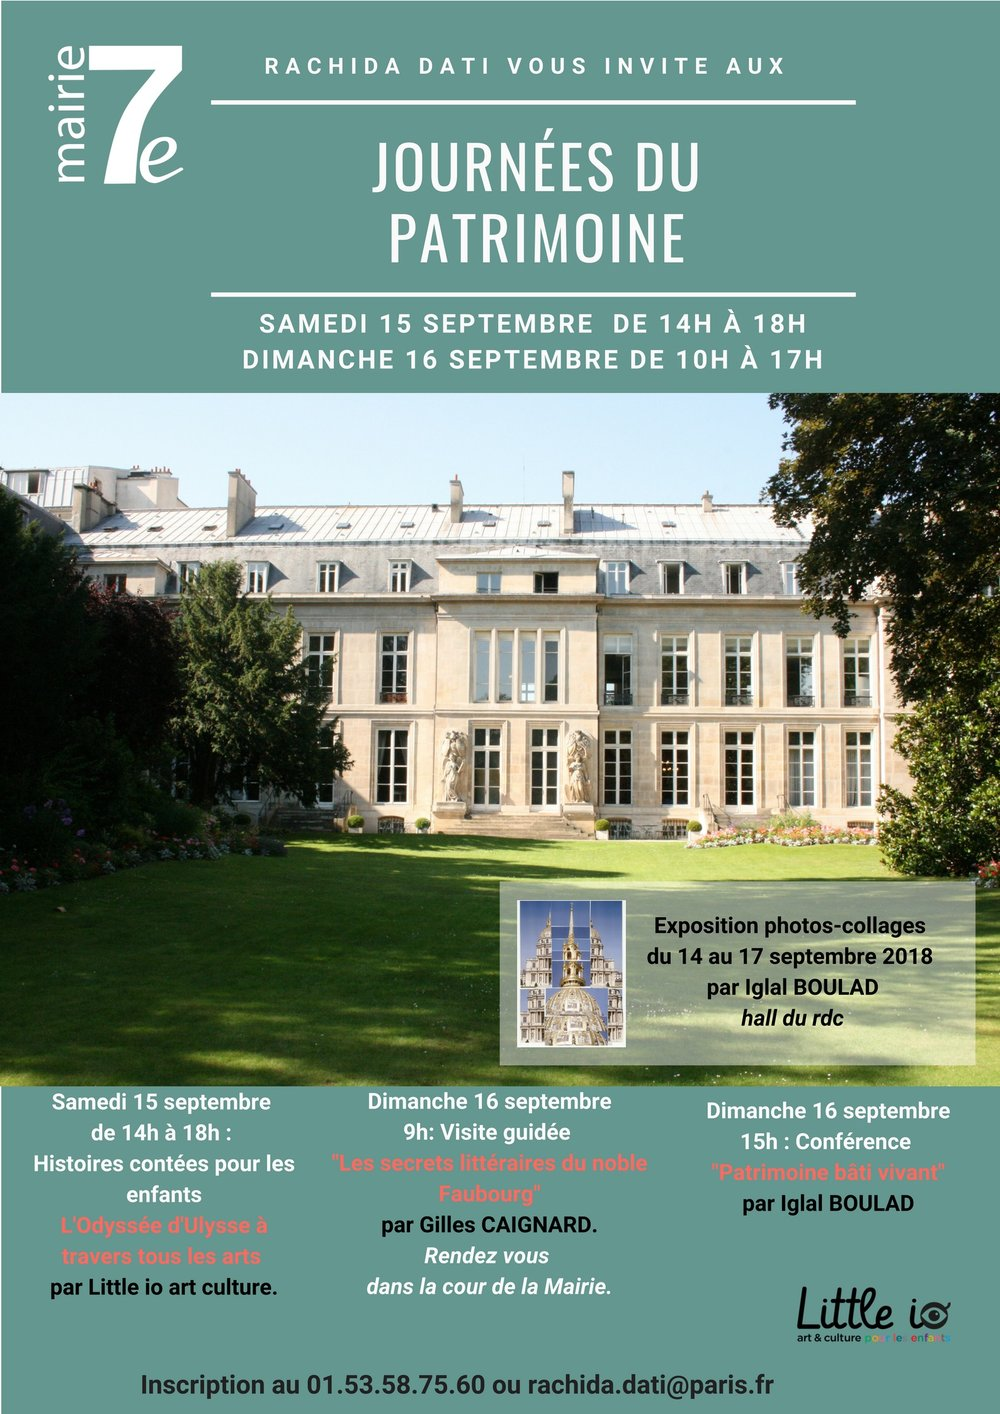 Patrimoine bâti vivant - Paris Mairie 7èExposition collages du 14 au 17 septembre 2018Conférence 16 septembre 2018 à 15h